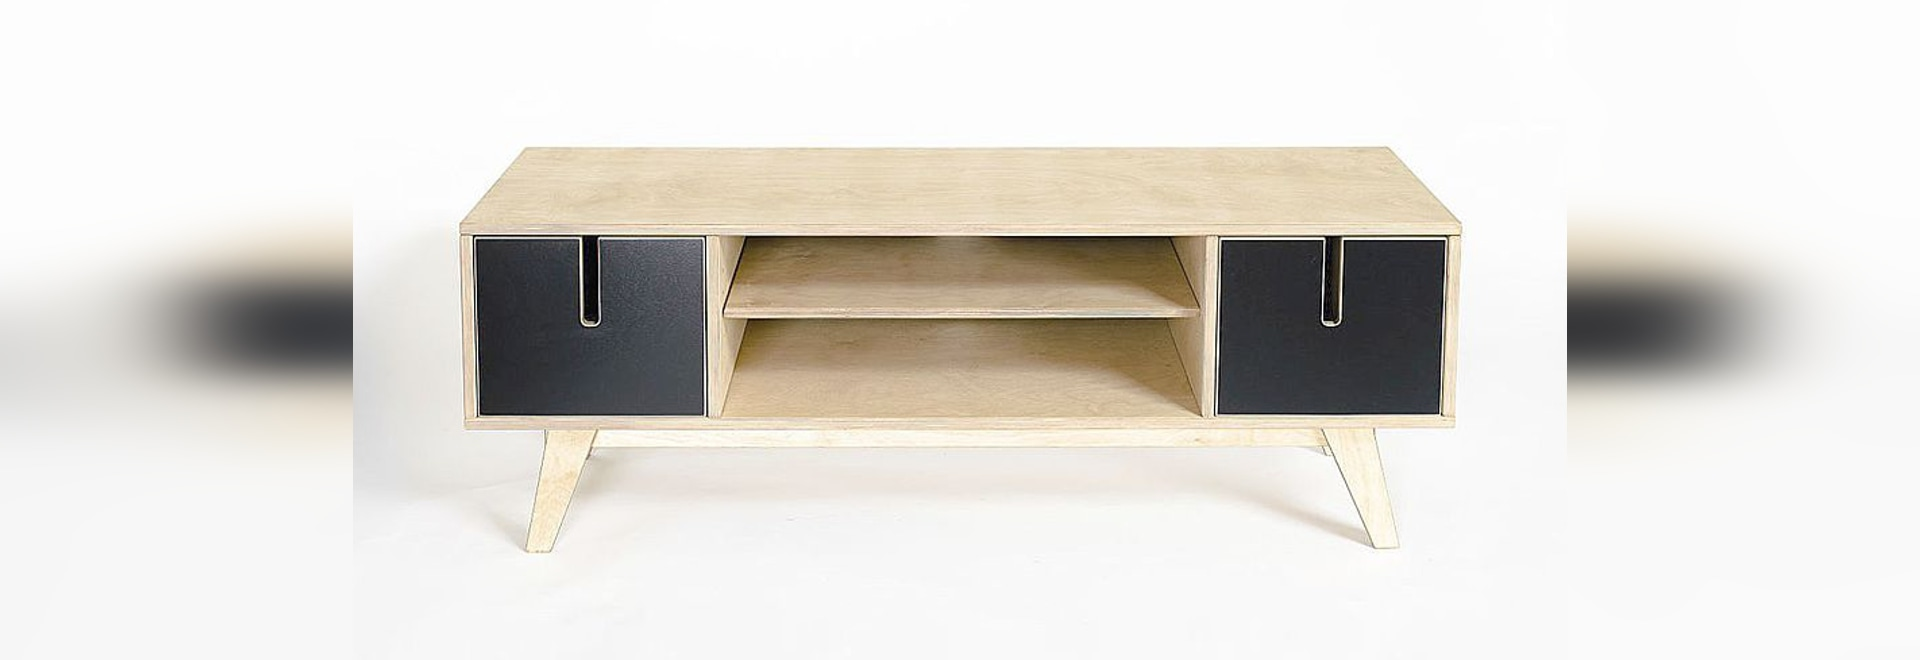 le créateur et fabricant de meubles design estonien radis lance le ... - Fabricant Meuble Design